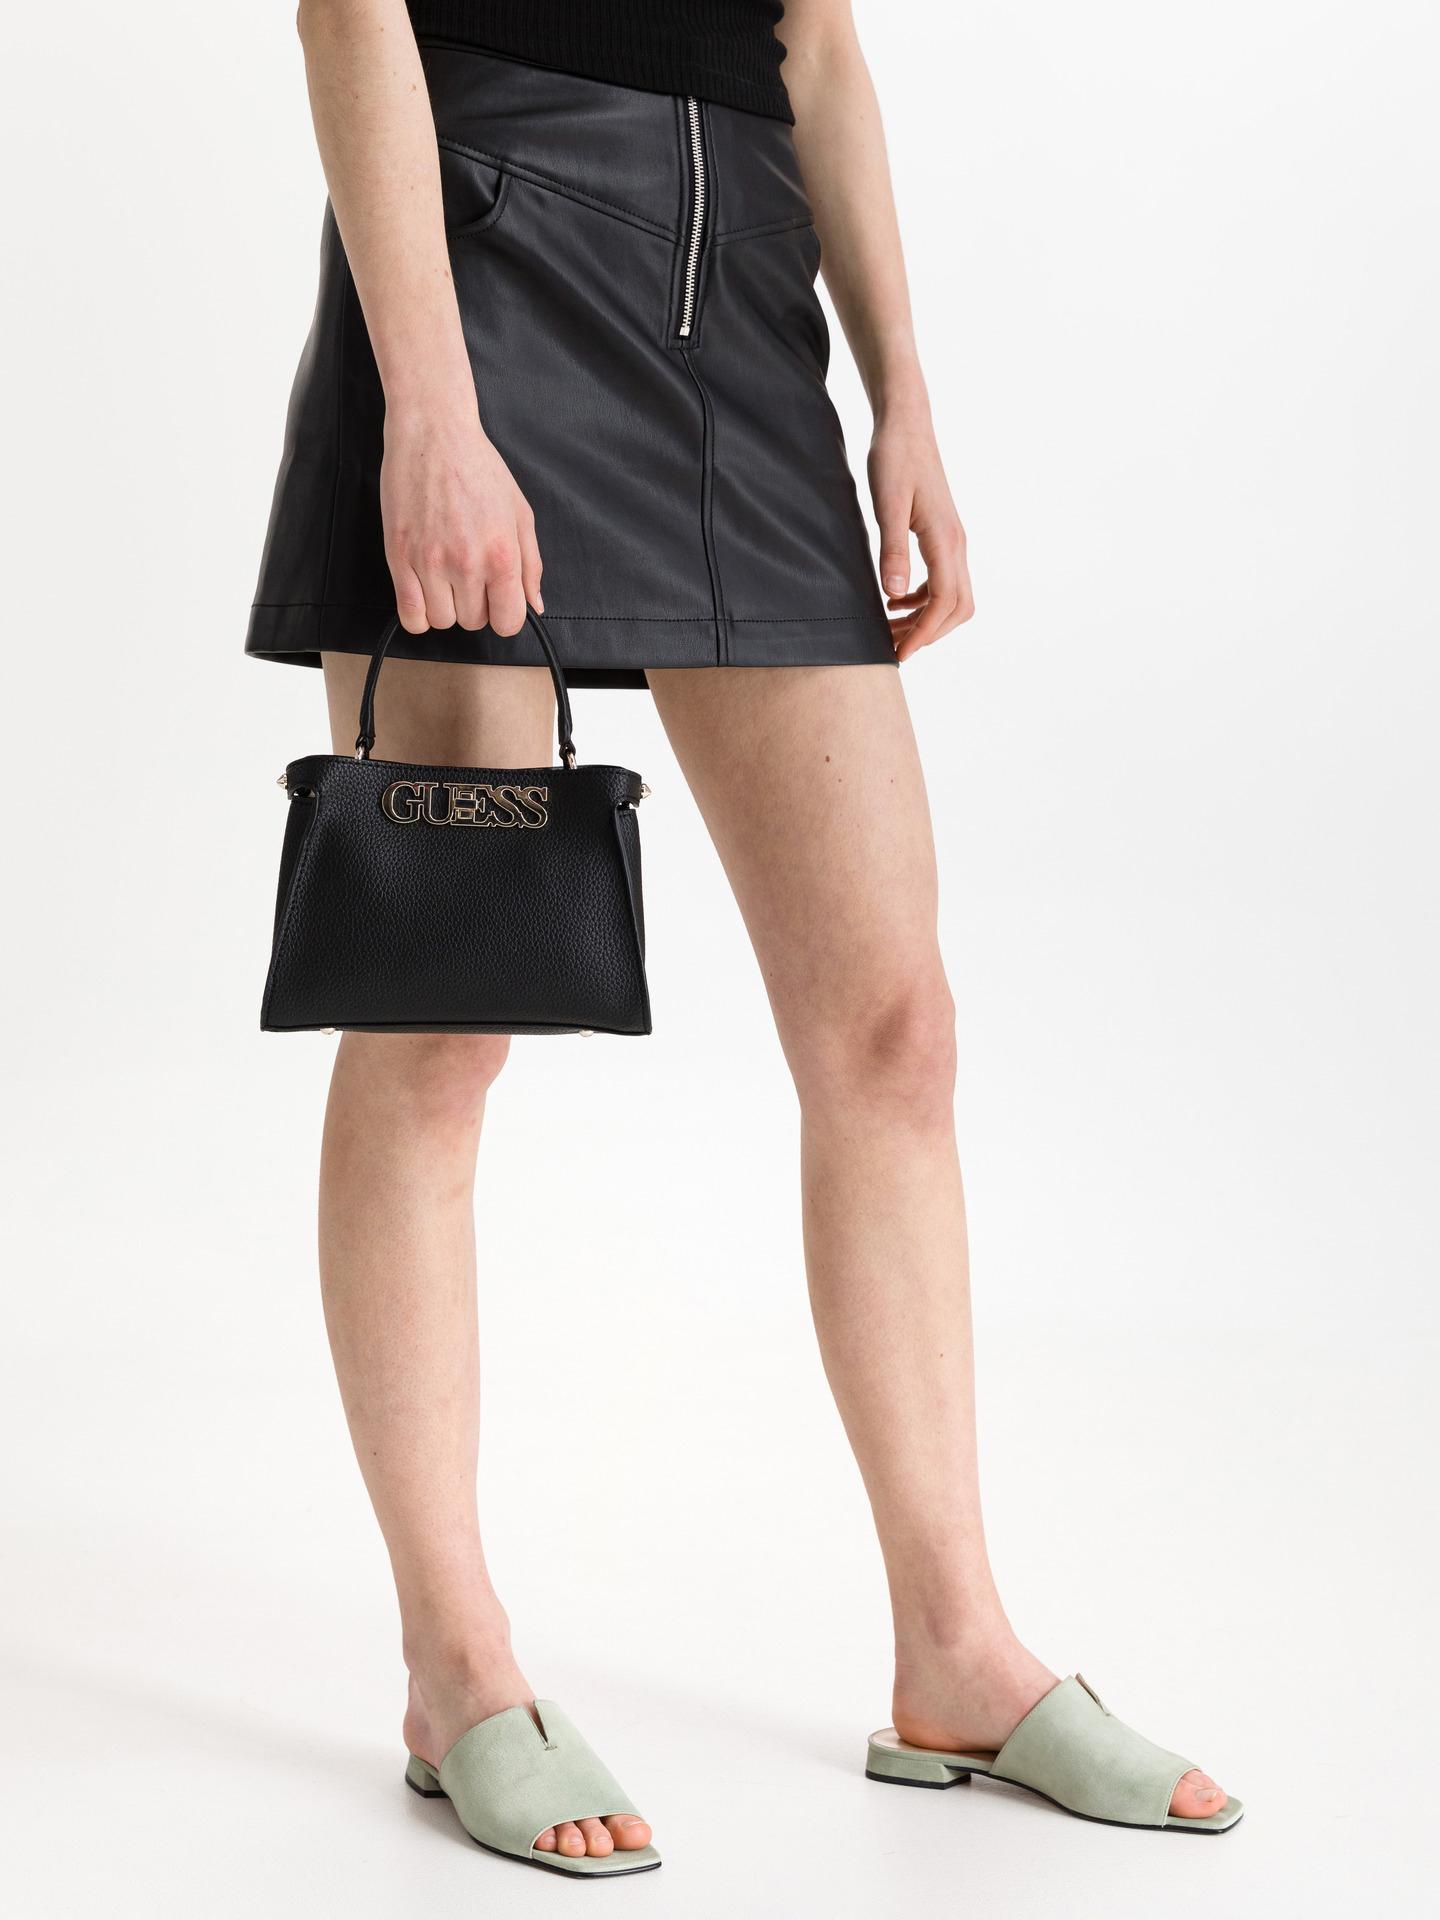 Guess črna torbica Uptown Chic Small